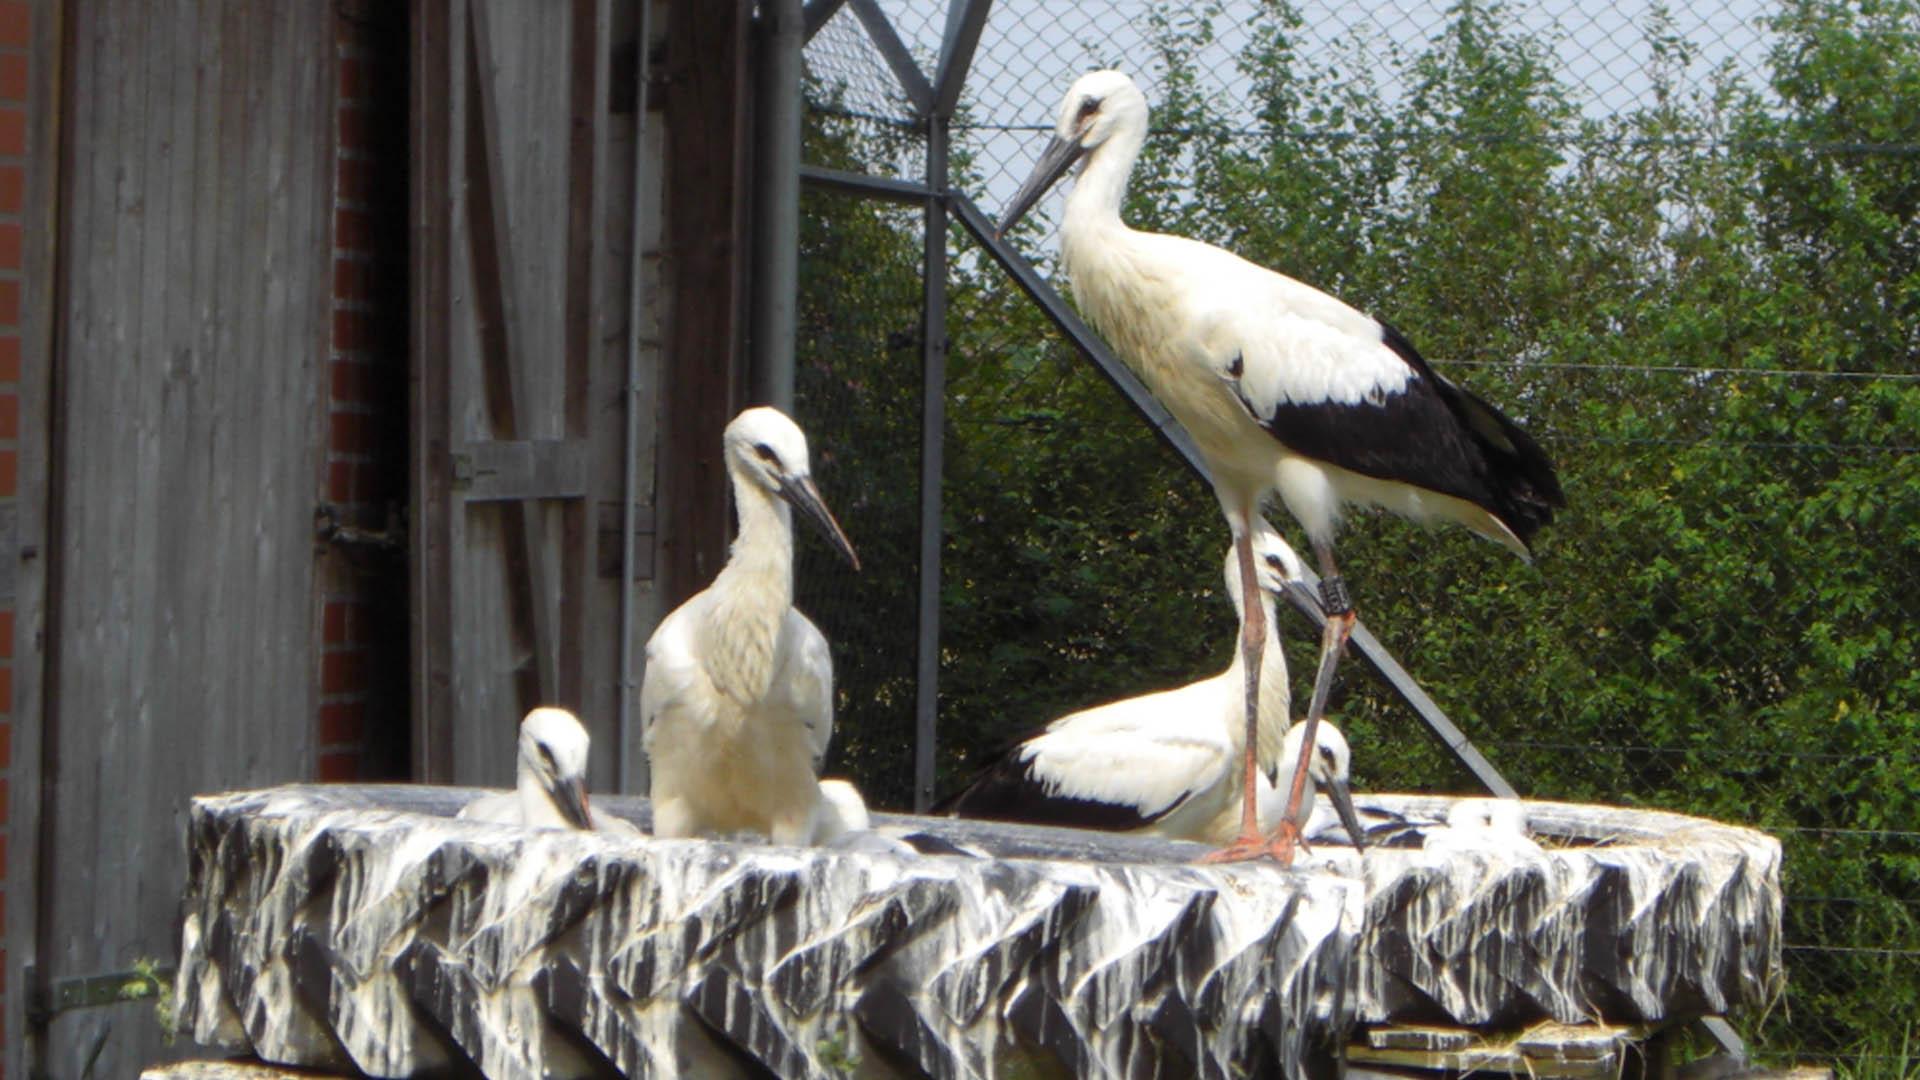 Storchenpflegestation in Verden